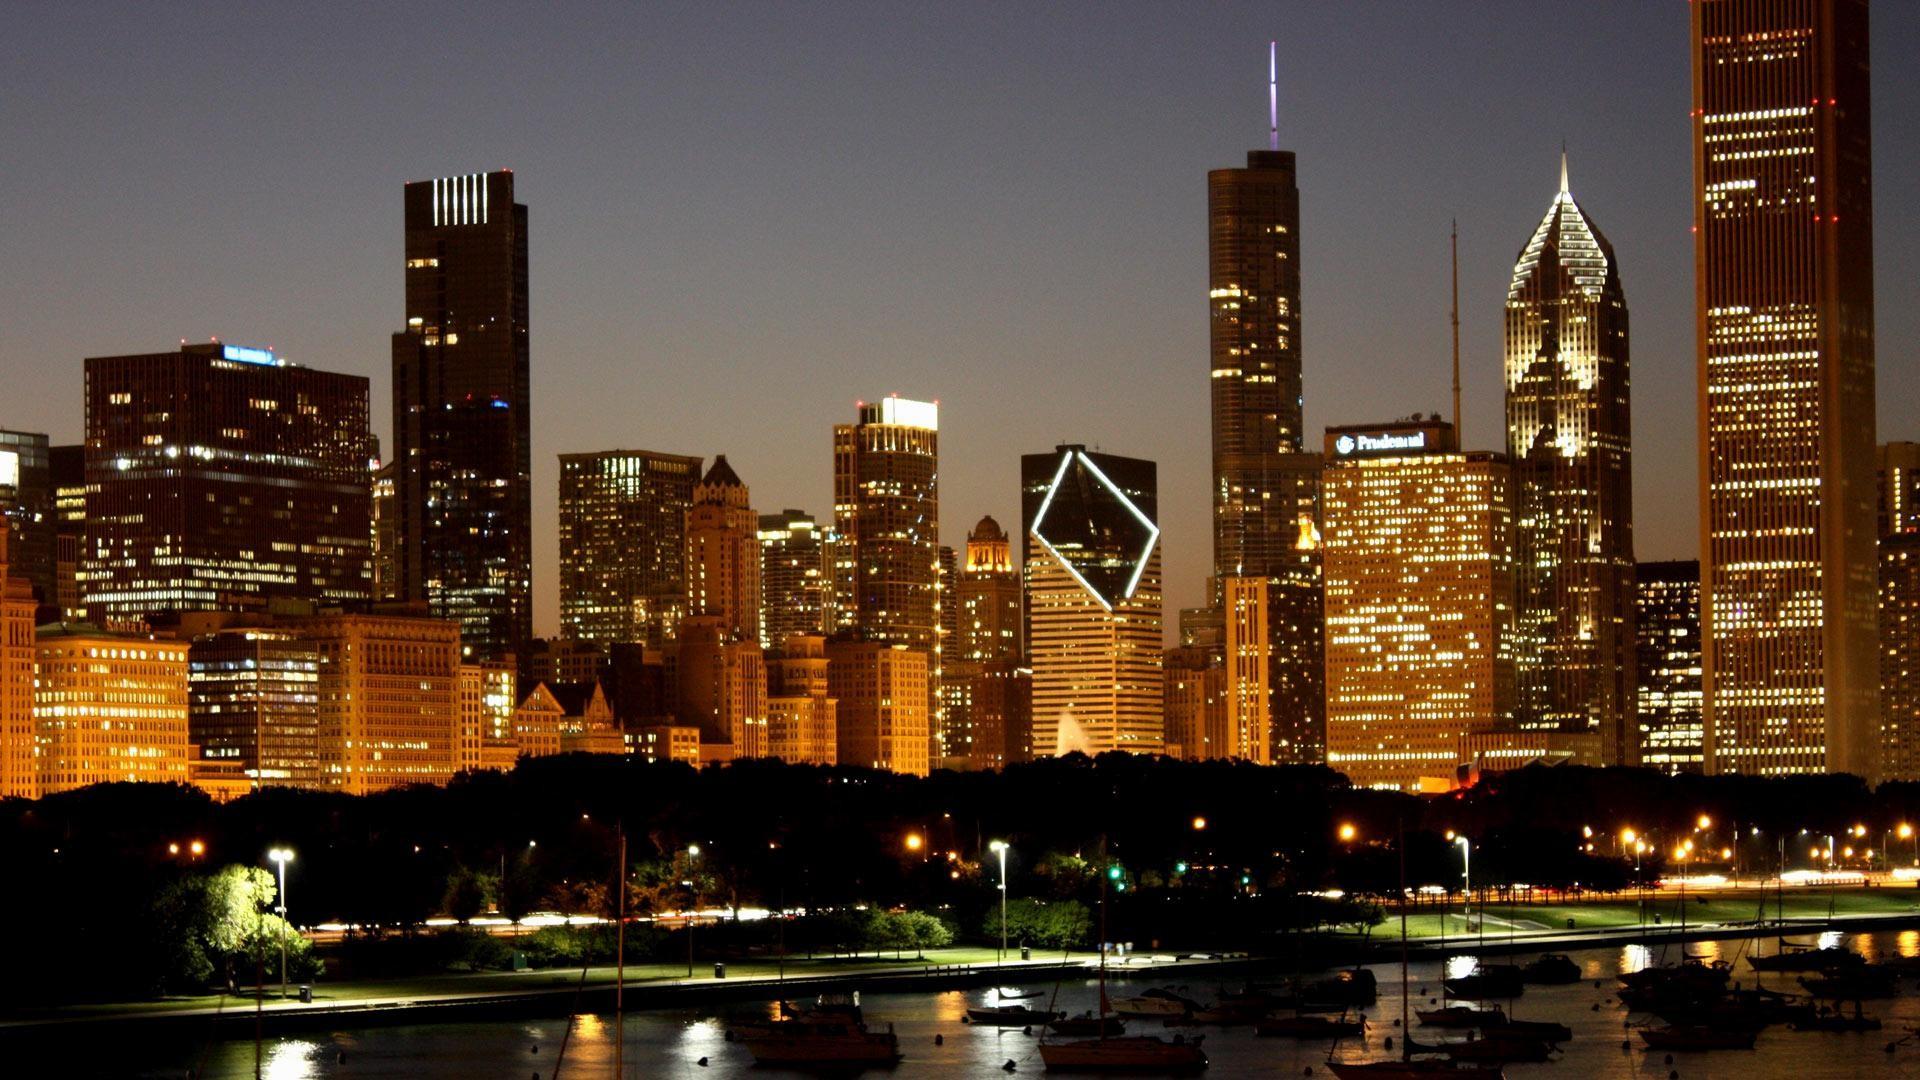 Detroit skyline wallpaper 51 images - Chicago skyline wallpaper 1920x1080 ...